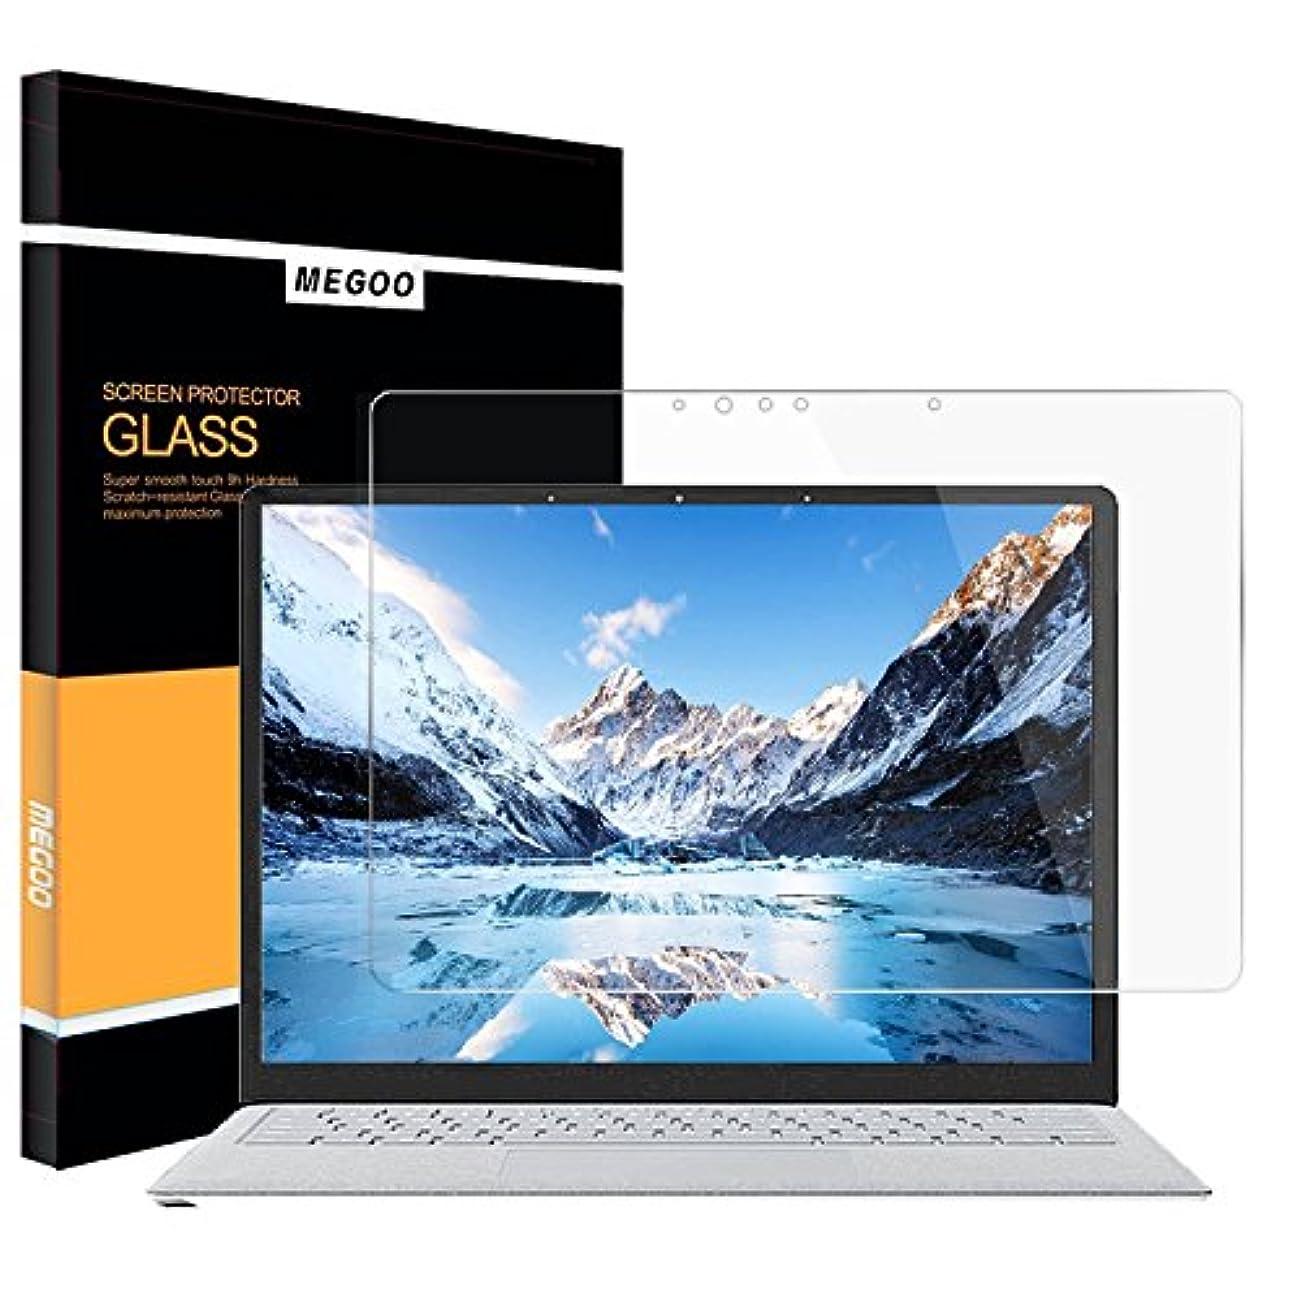 ショッピングセンターインポートコンバーチブル【2枚入り】MEGOO Microsoft Surface Laptop 2 保護フィルム 指紋防止 耐久超薄 [強化ガラス] Microsoft Surface Laptop (2018/2017新型)13.5インチ専用保護フィルム